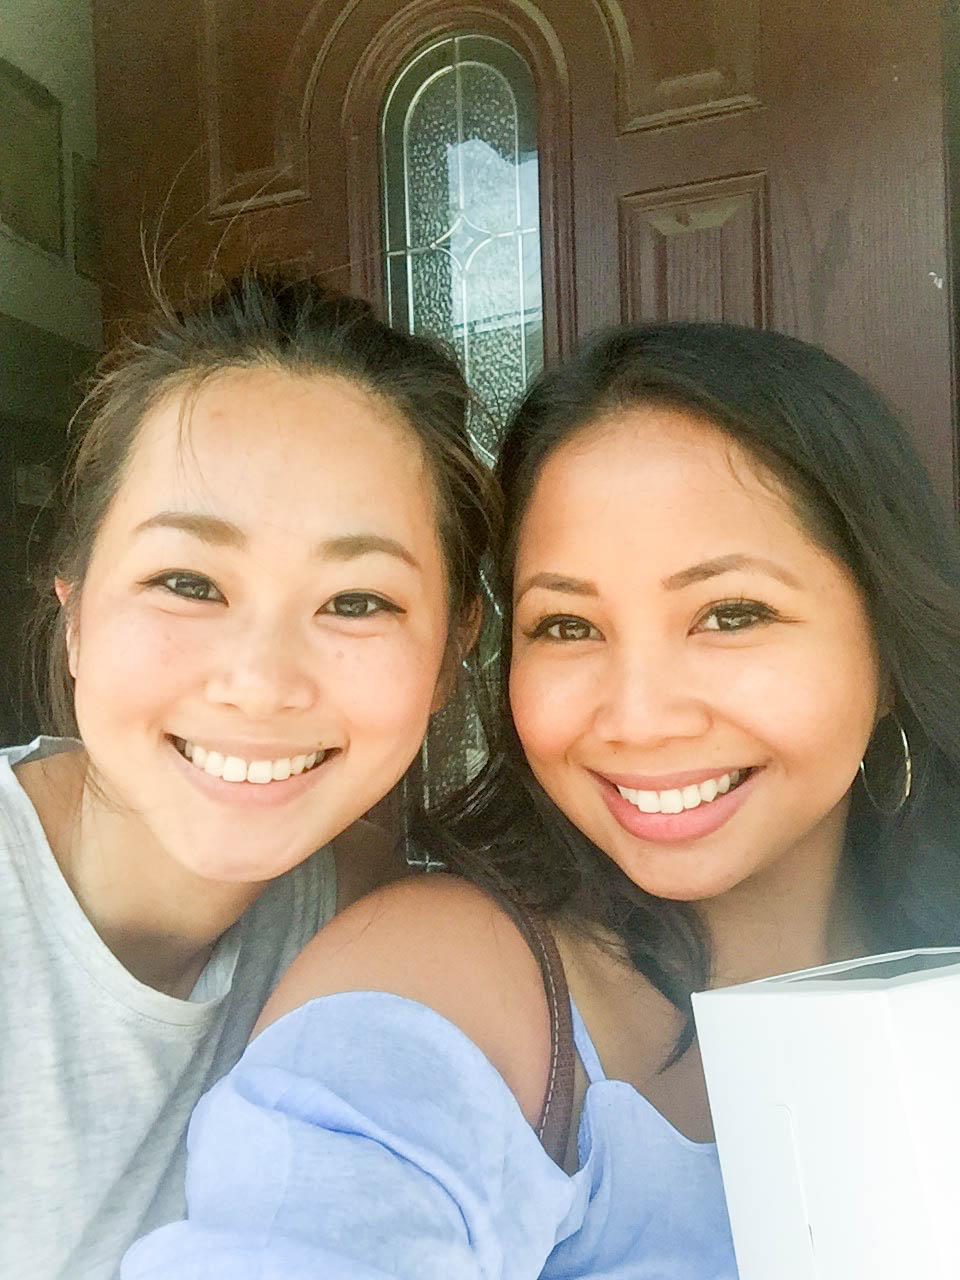 Jiahn (left) Me (right)